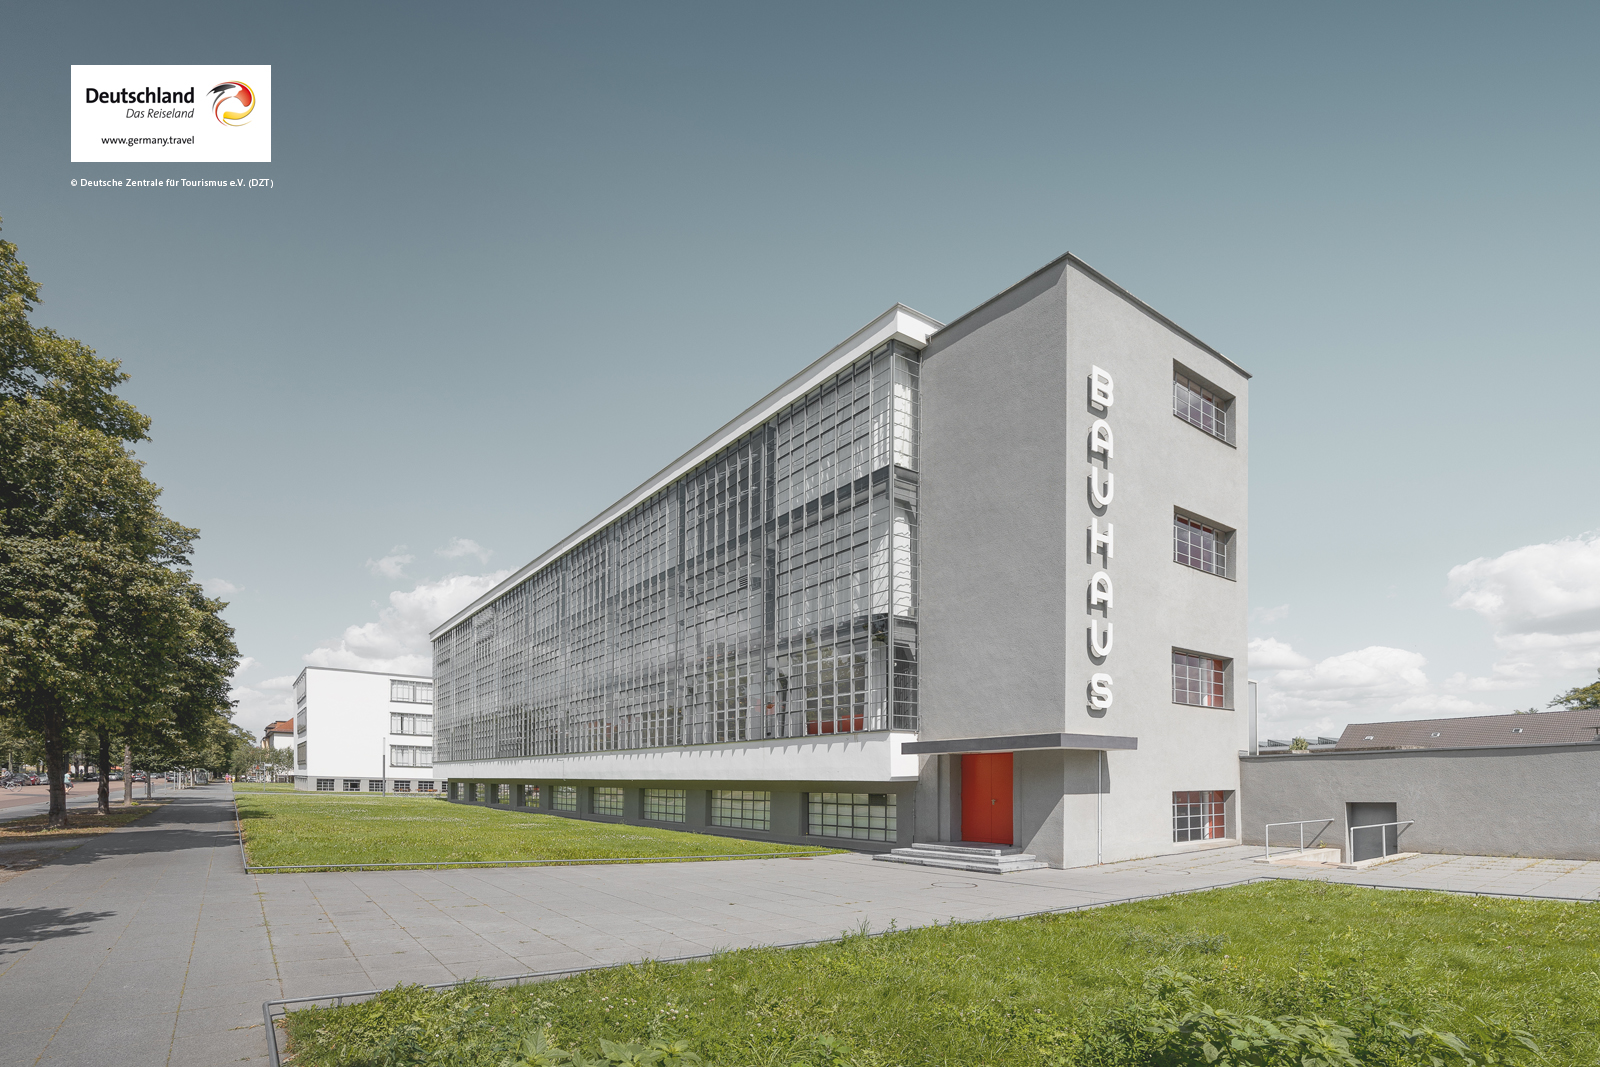 Dessau-Roßlau_Bauhaus_Dessau_von_Walter_Gropius_1925_26